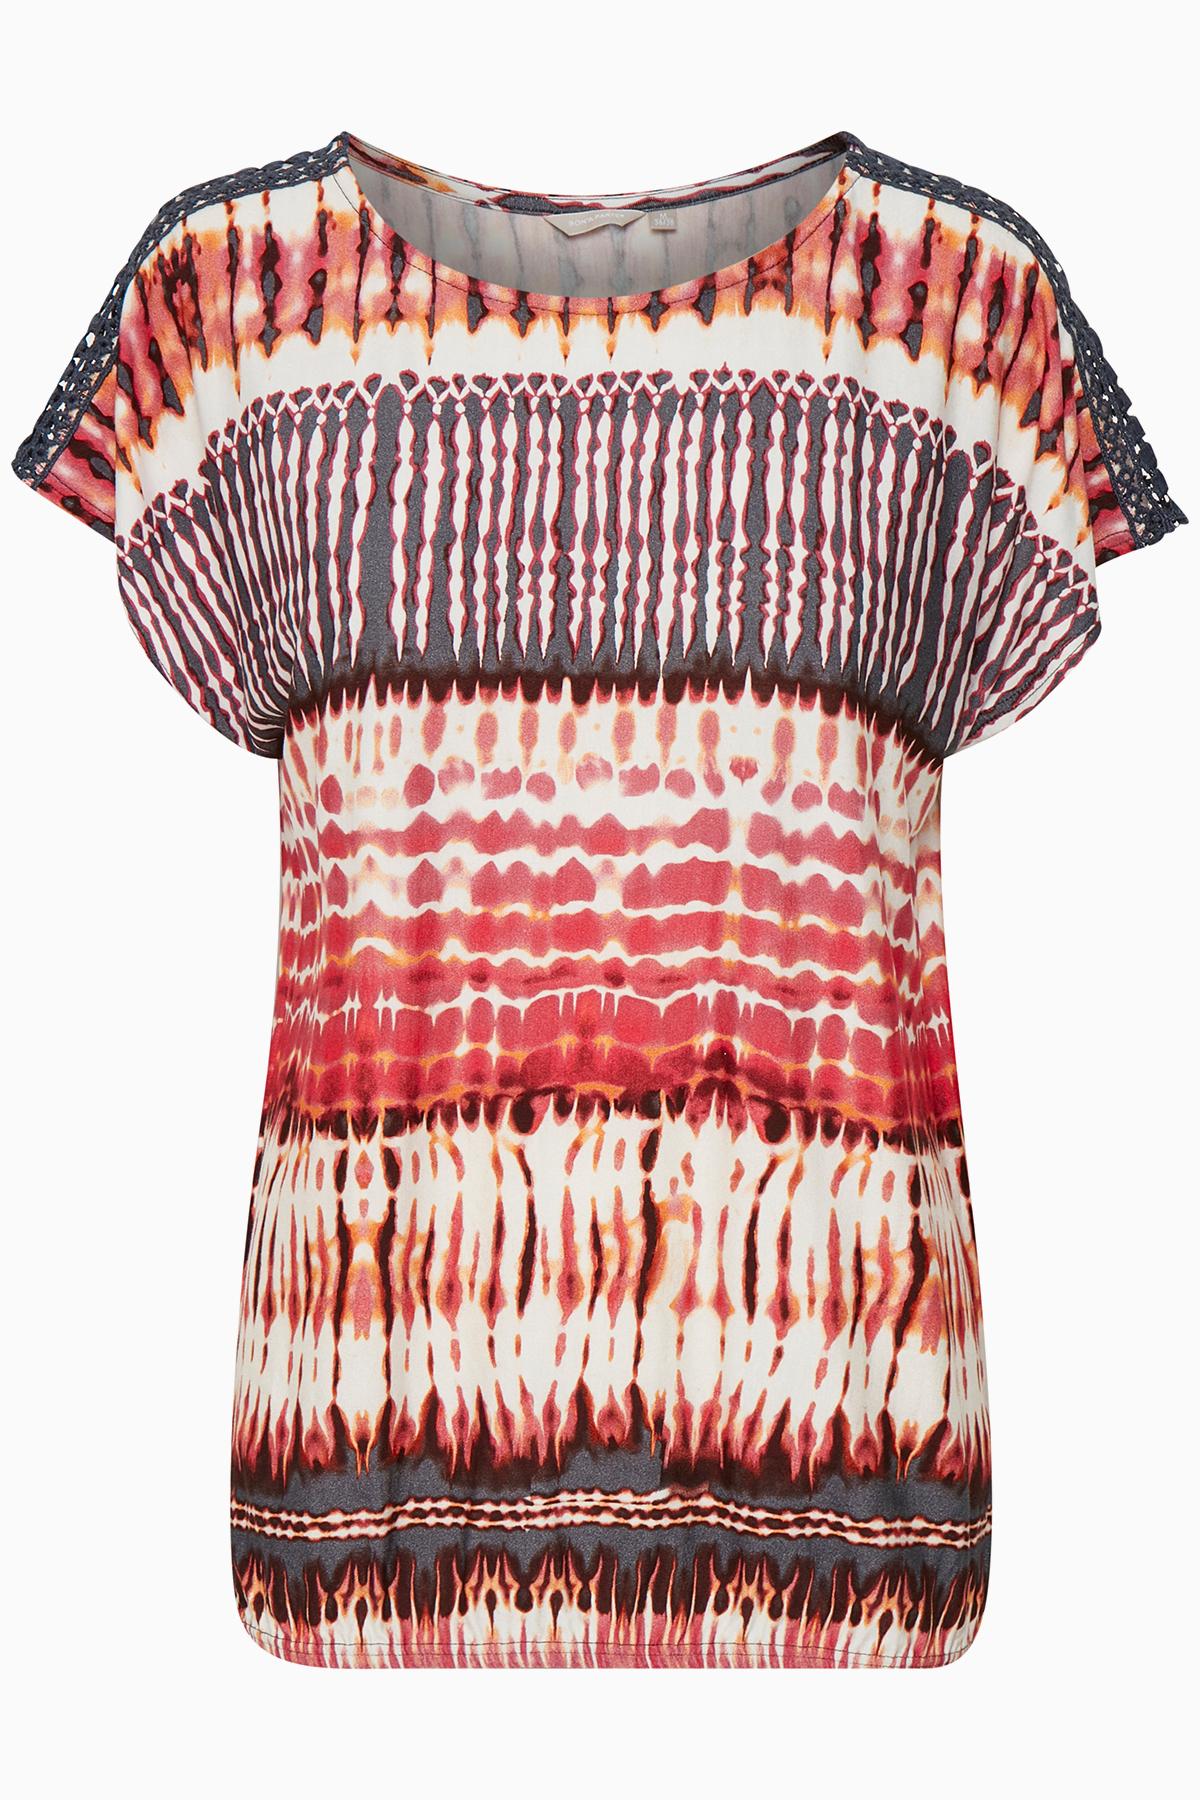 Image of BonA Parte Dame Fin Inari top - Pink/sort